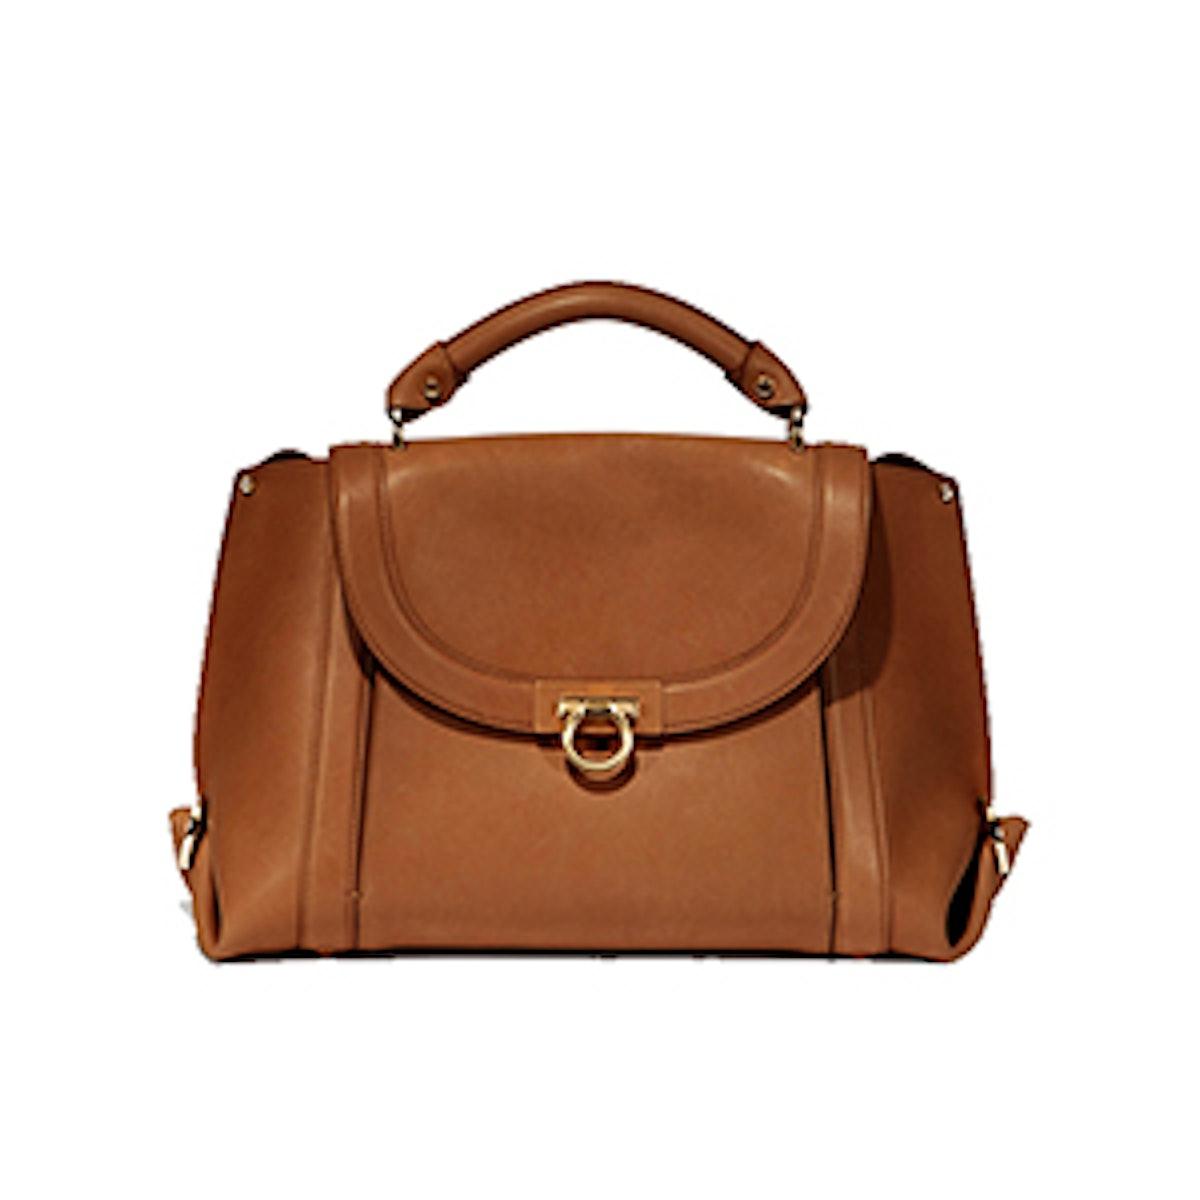 Medium Soft Sofia Top Handle Bag